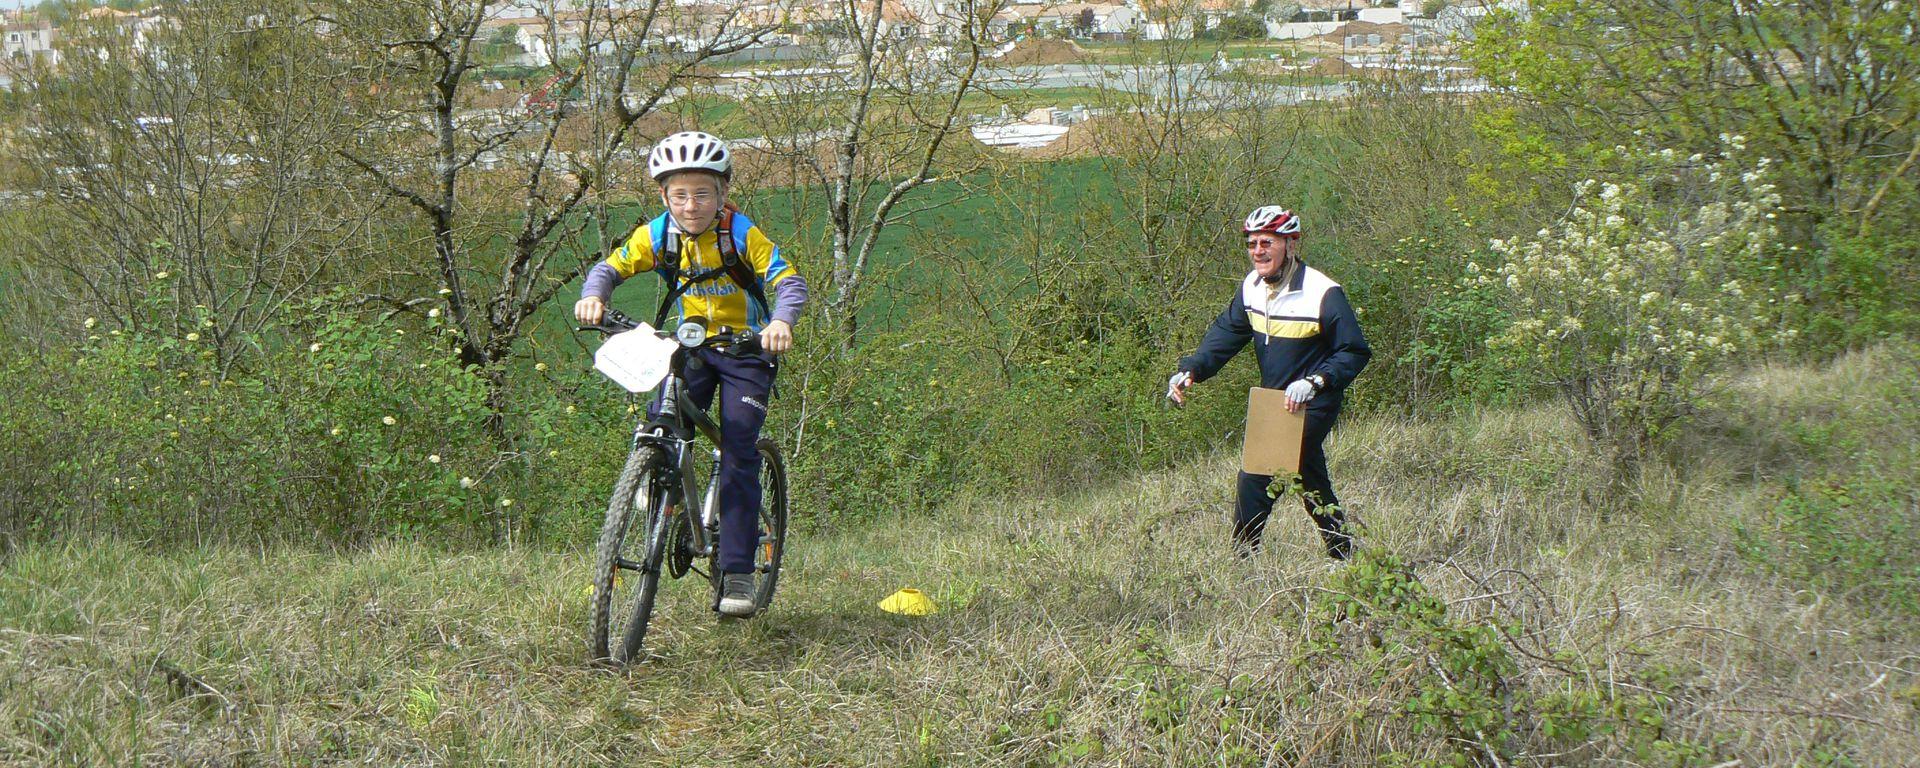 Le Club de Cyclo (Copyrigt - Club de Cyclo de Dompierre sur Mer)